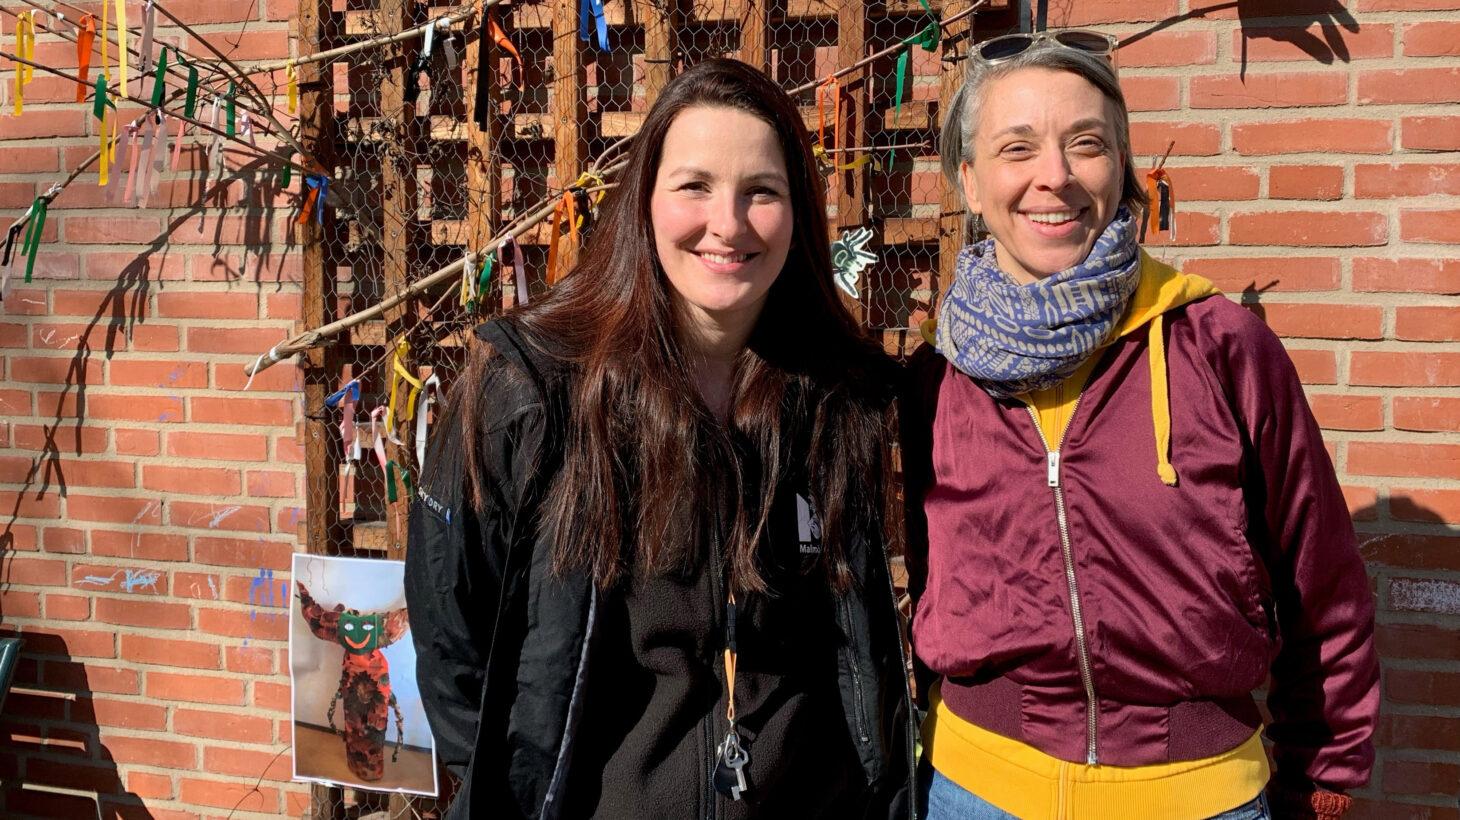 Porträttbild på Stella Baric och Tove Liljekvist utomhus.